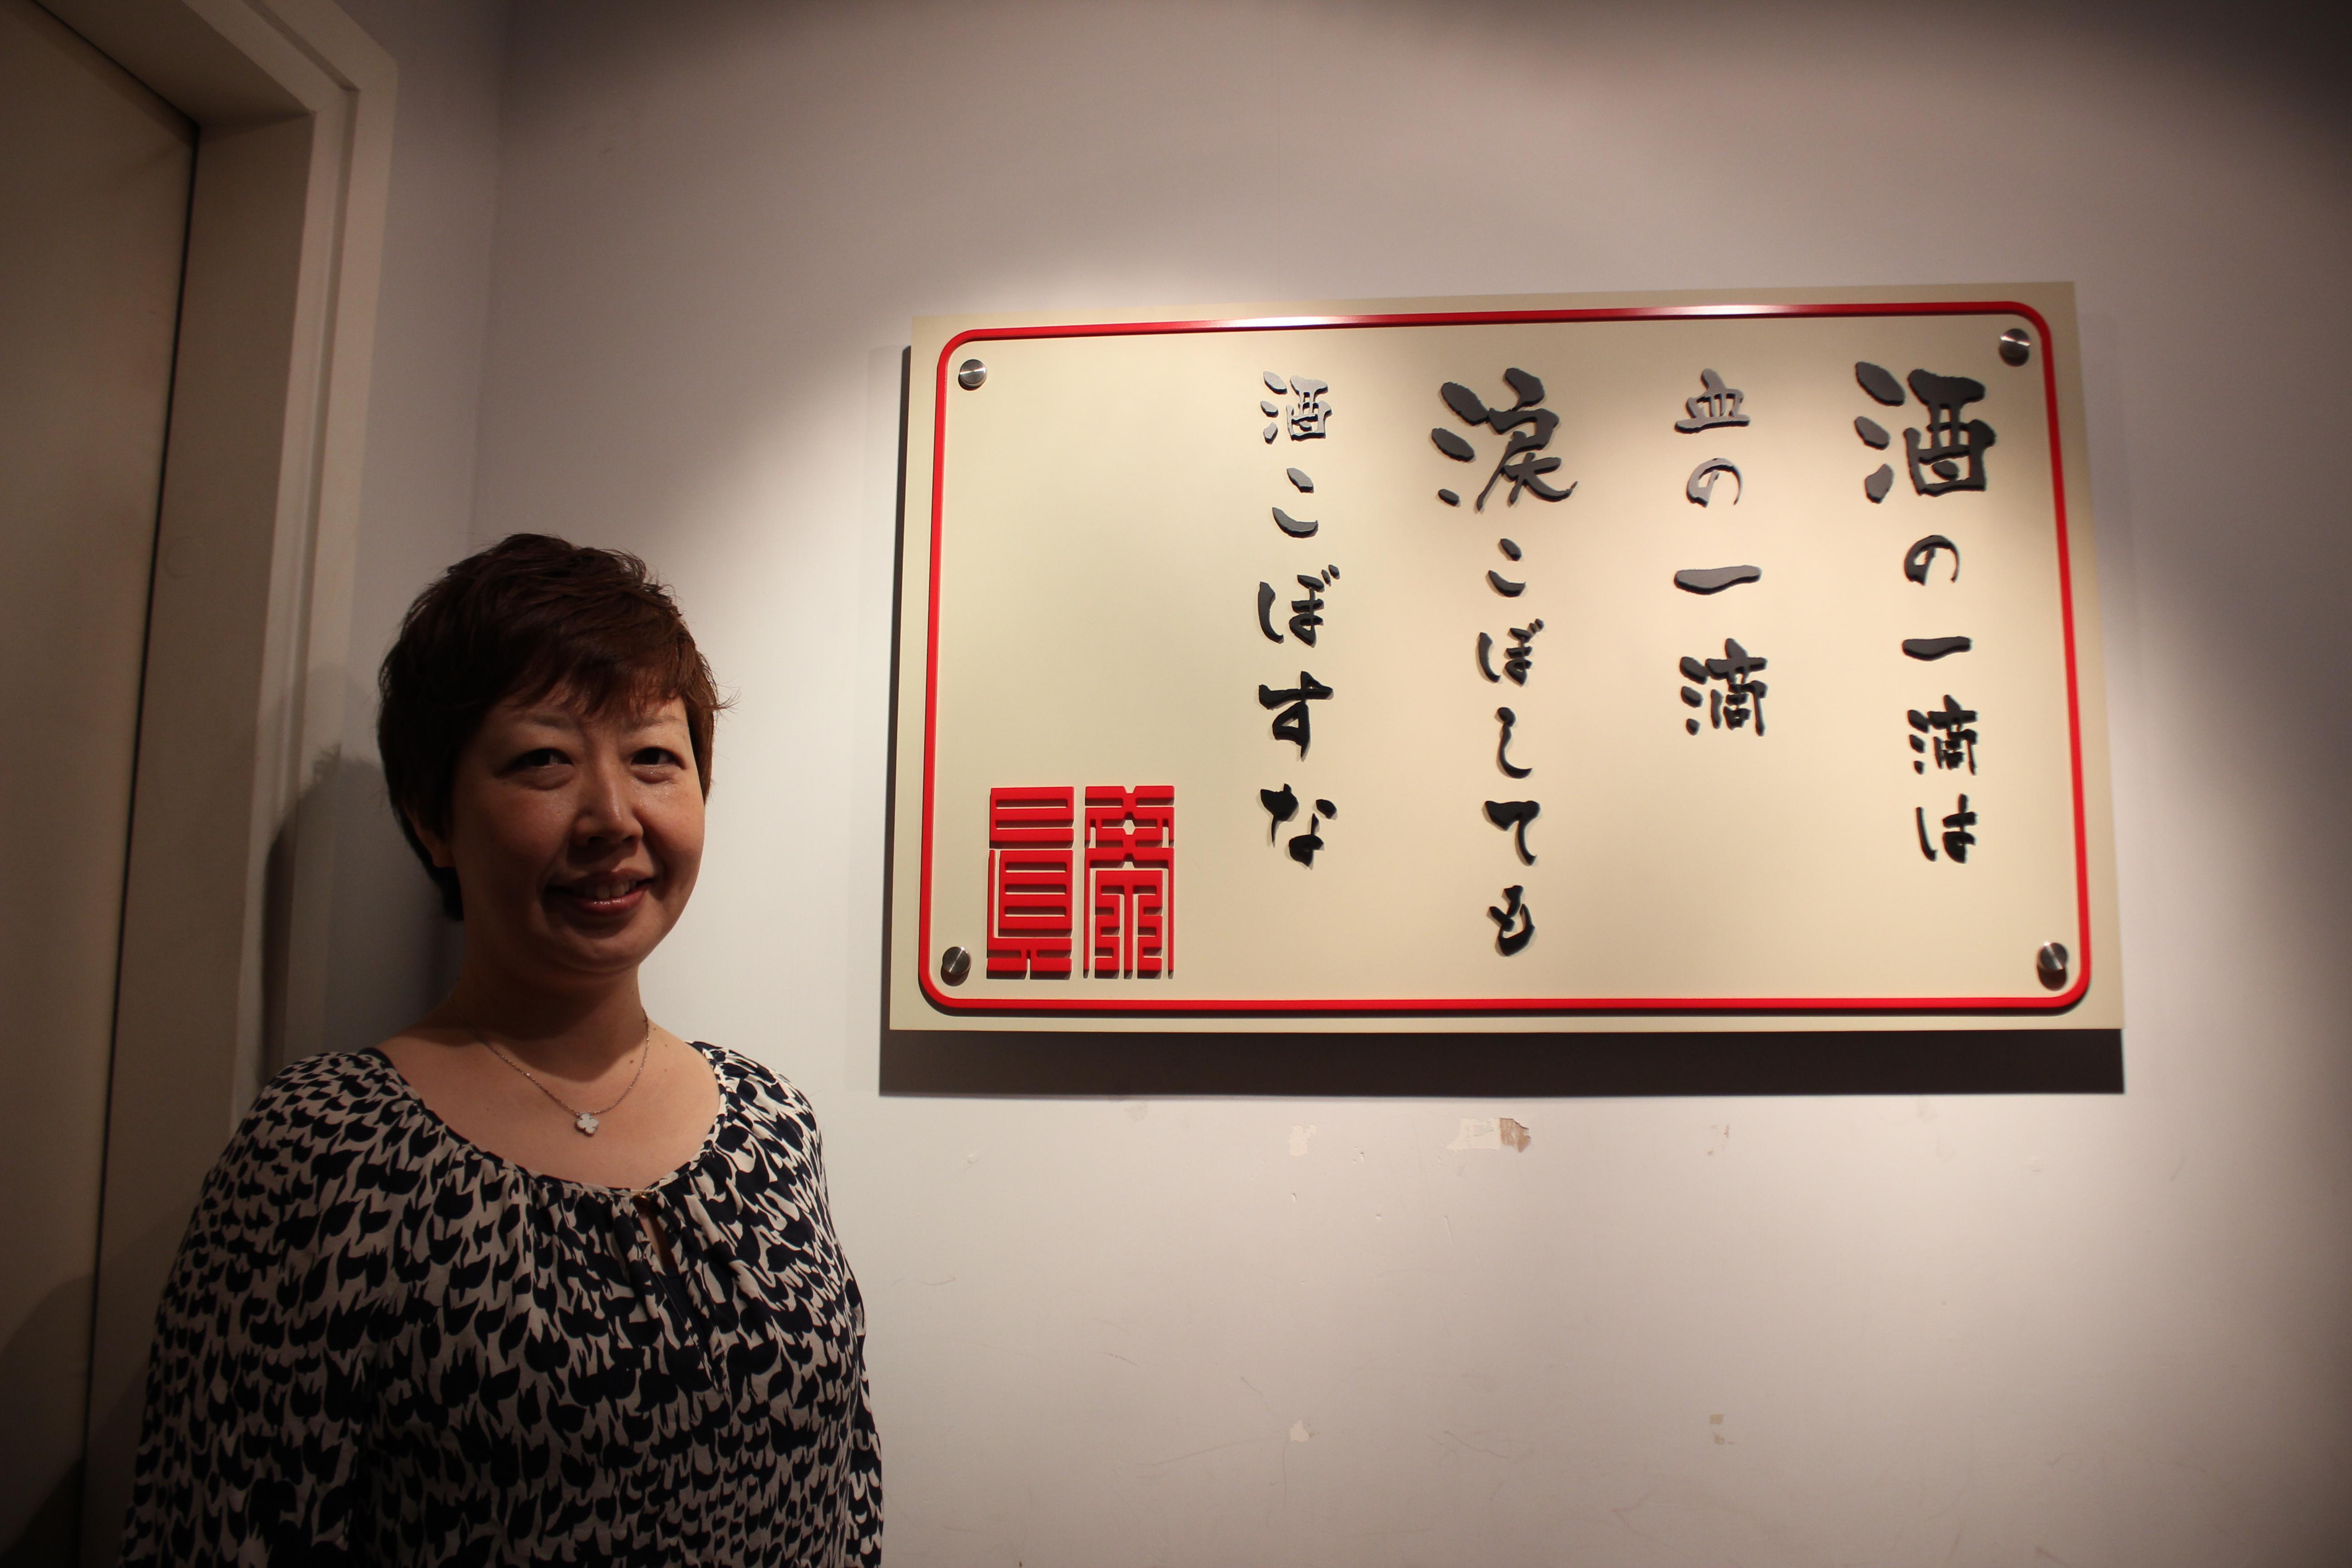 熊谷真希さん